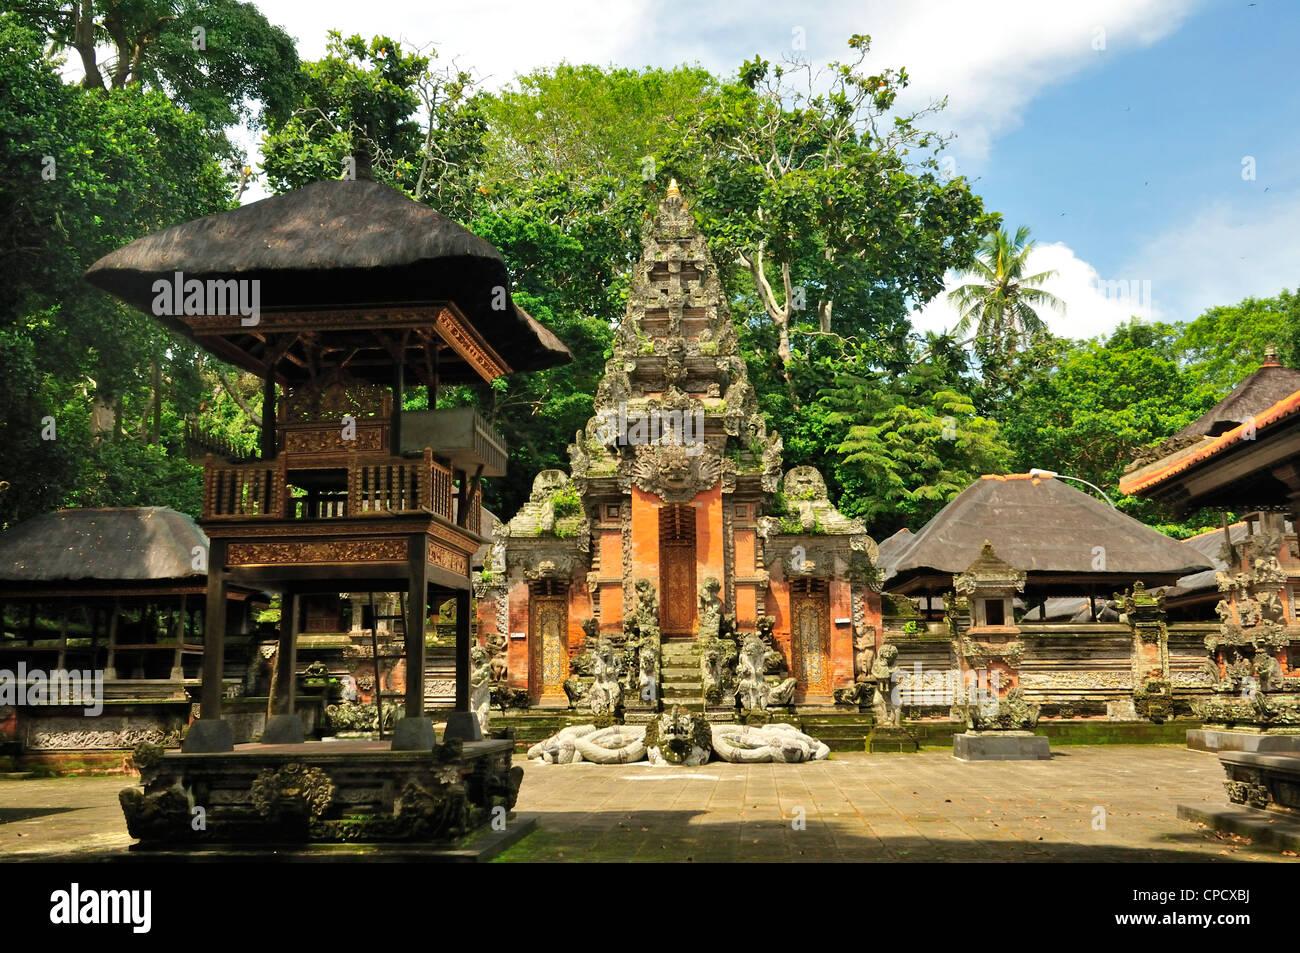 Temple inside Ubud Monkey forest, Ubud, Bali, Indonesia, Asia - Stock Image